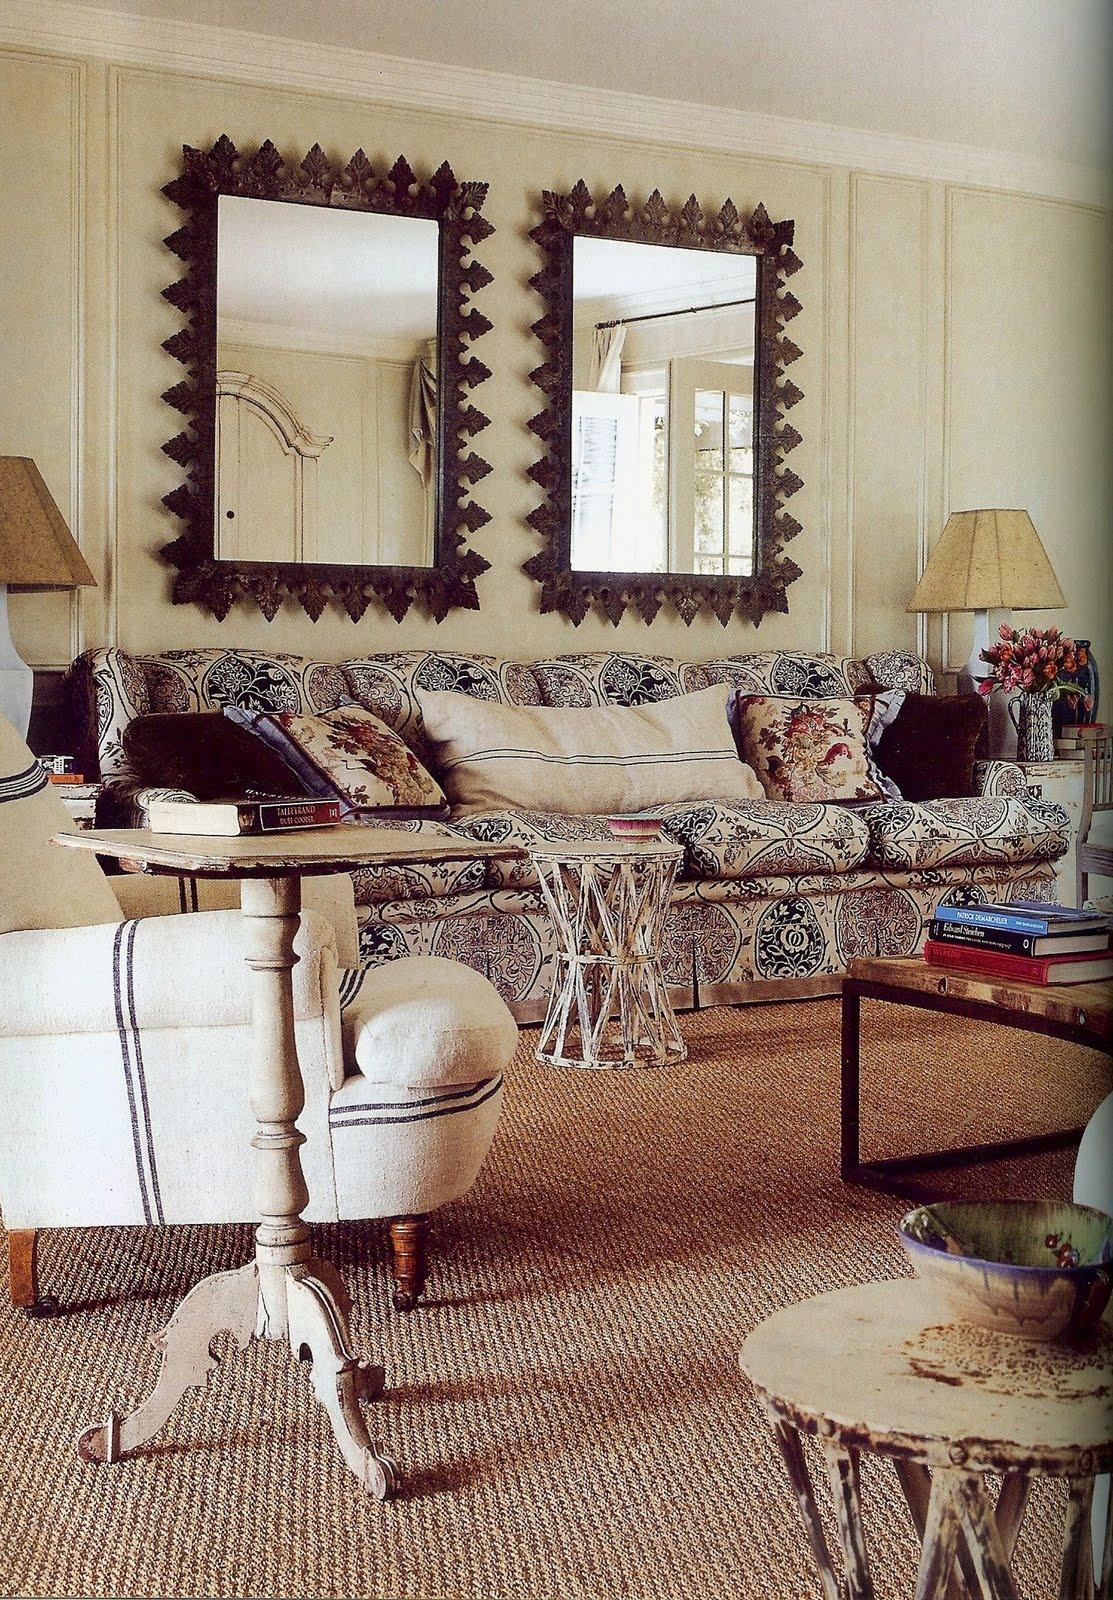 designs 4 living wintour house